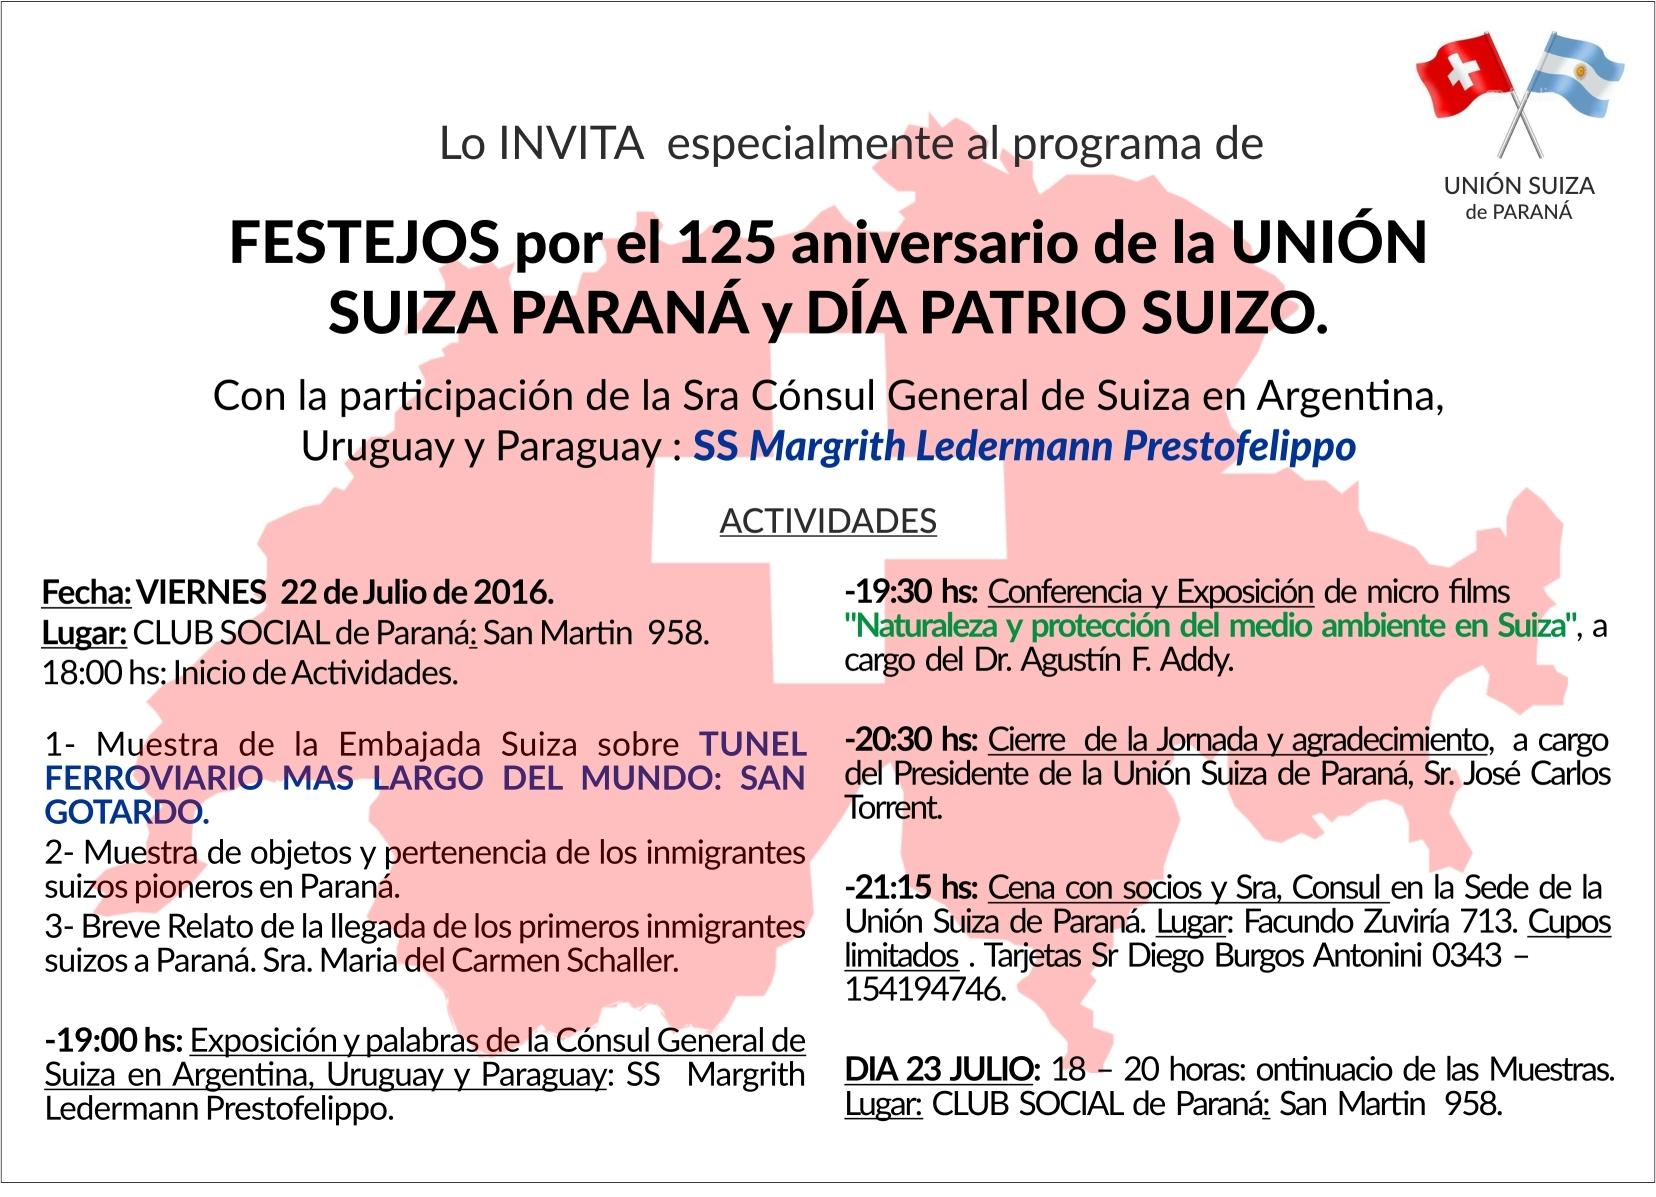 Invitacion a Celebracion por los 125 anos UNIoN SUIZA DE PARANa-22 julio 2016-